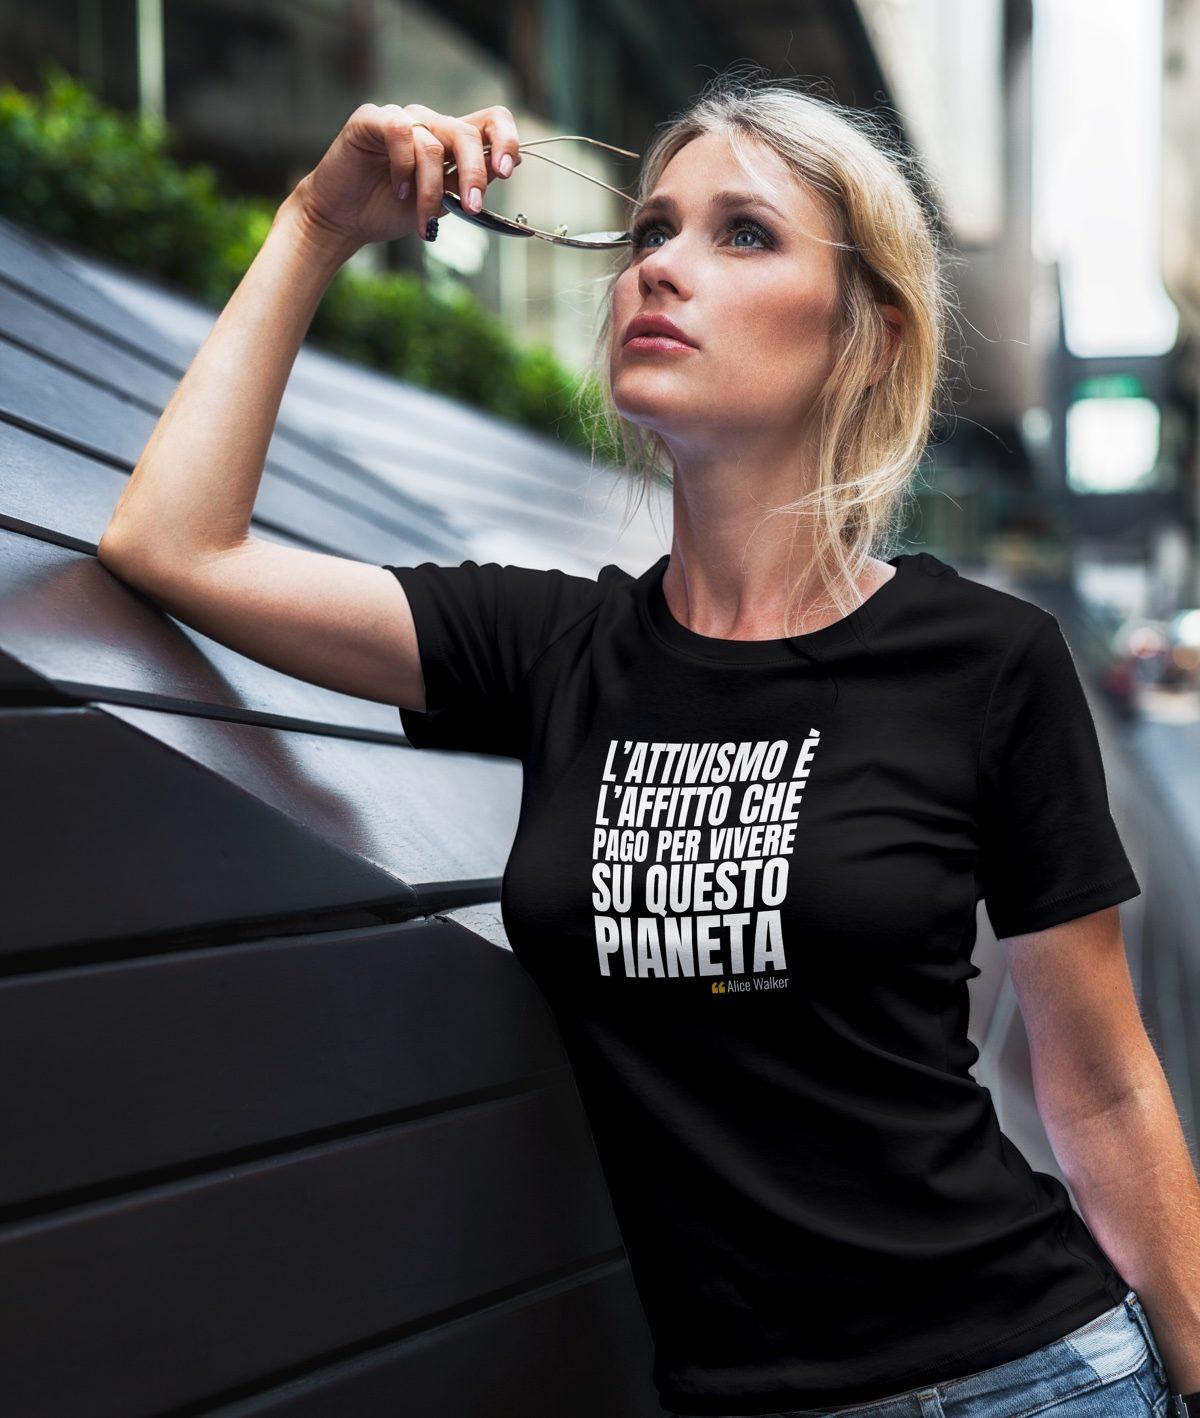 L'attivismo è l'affitto che pago T-Shirt